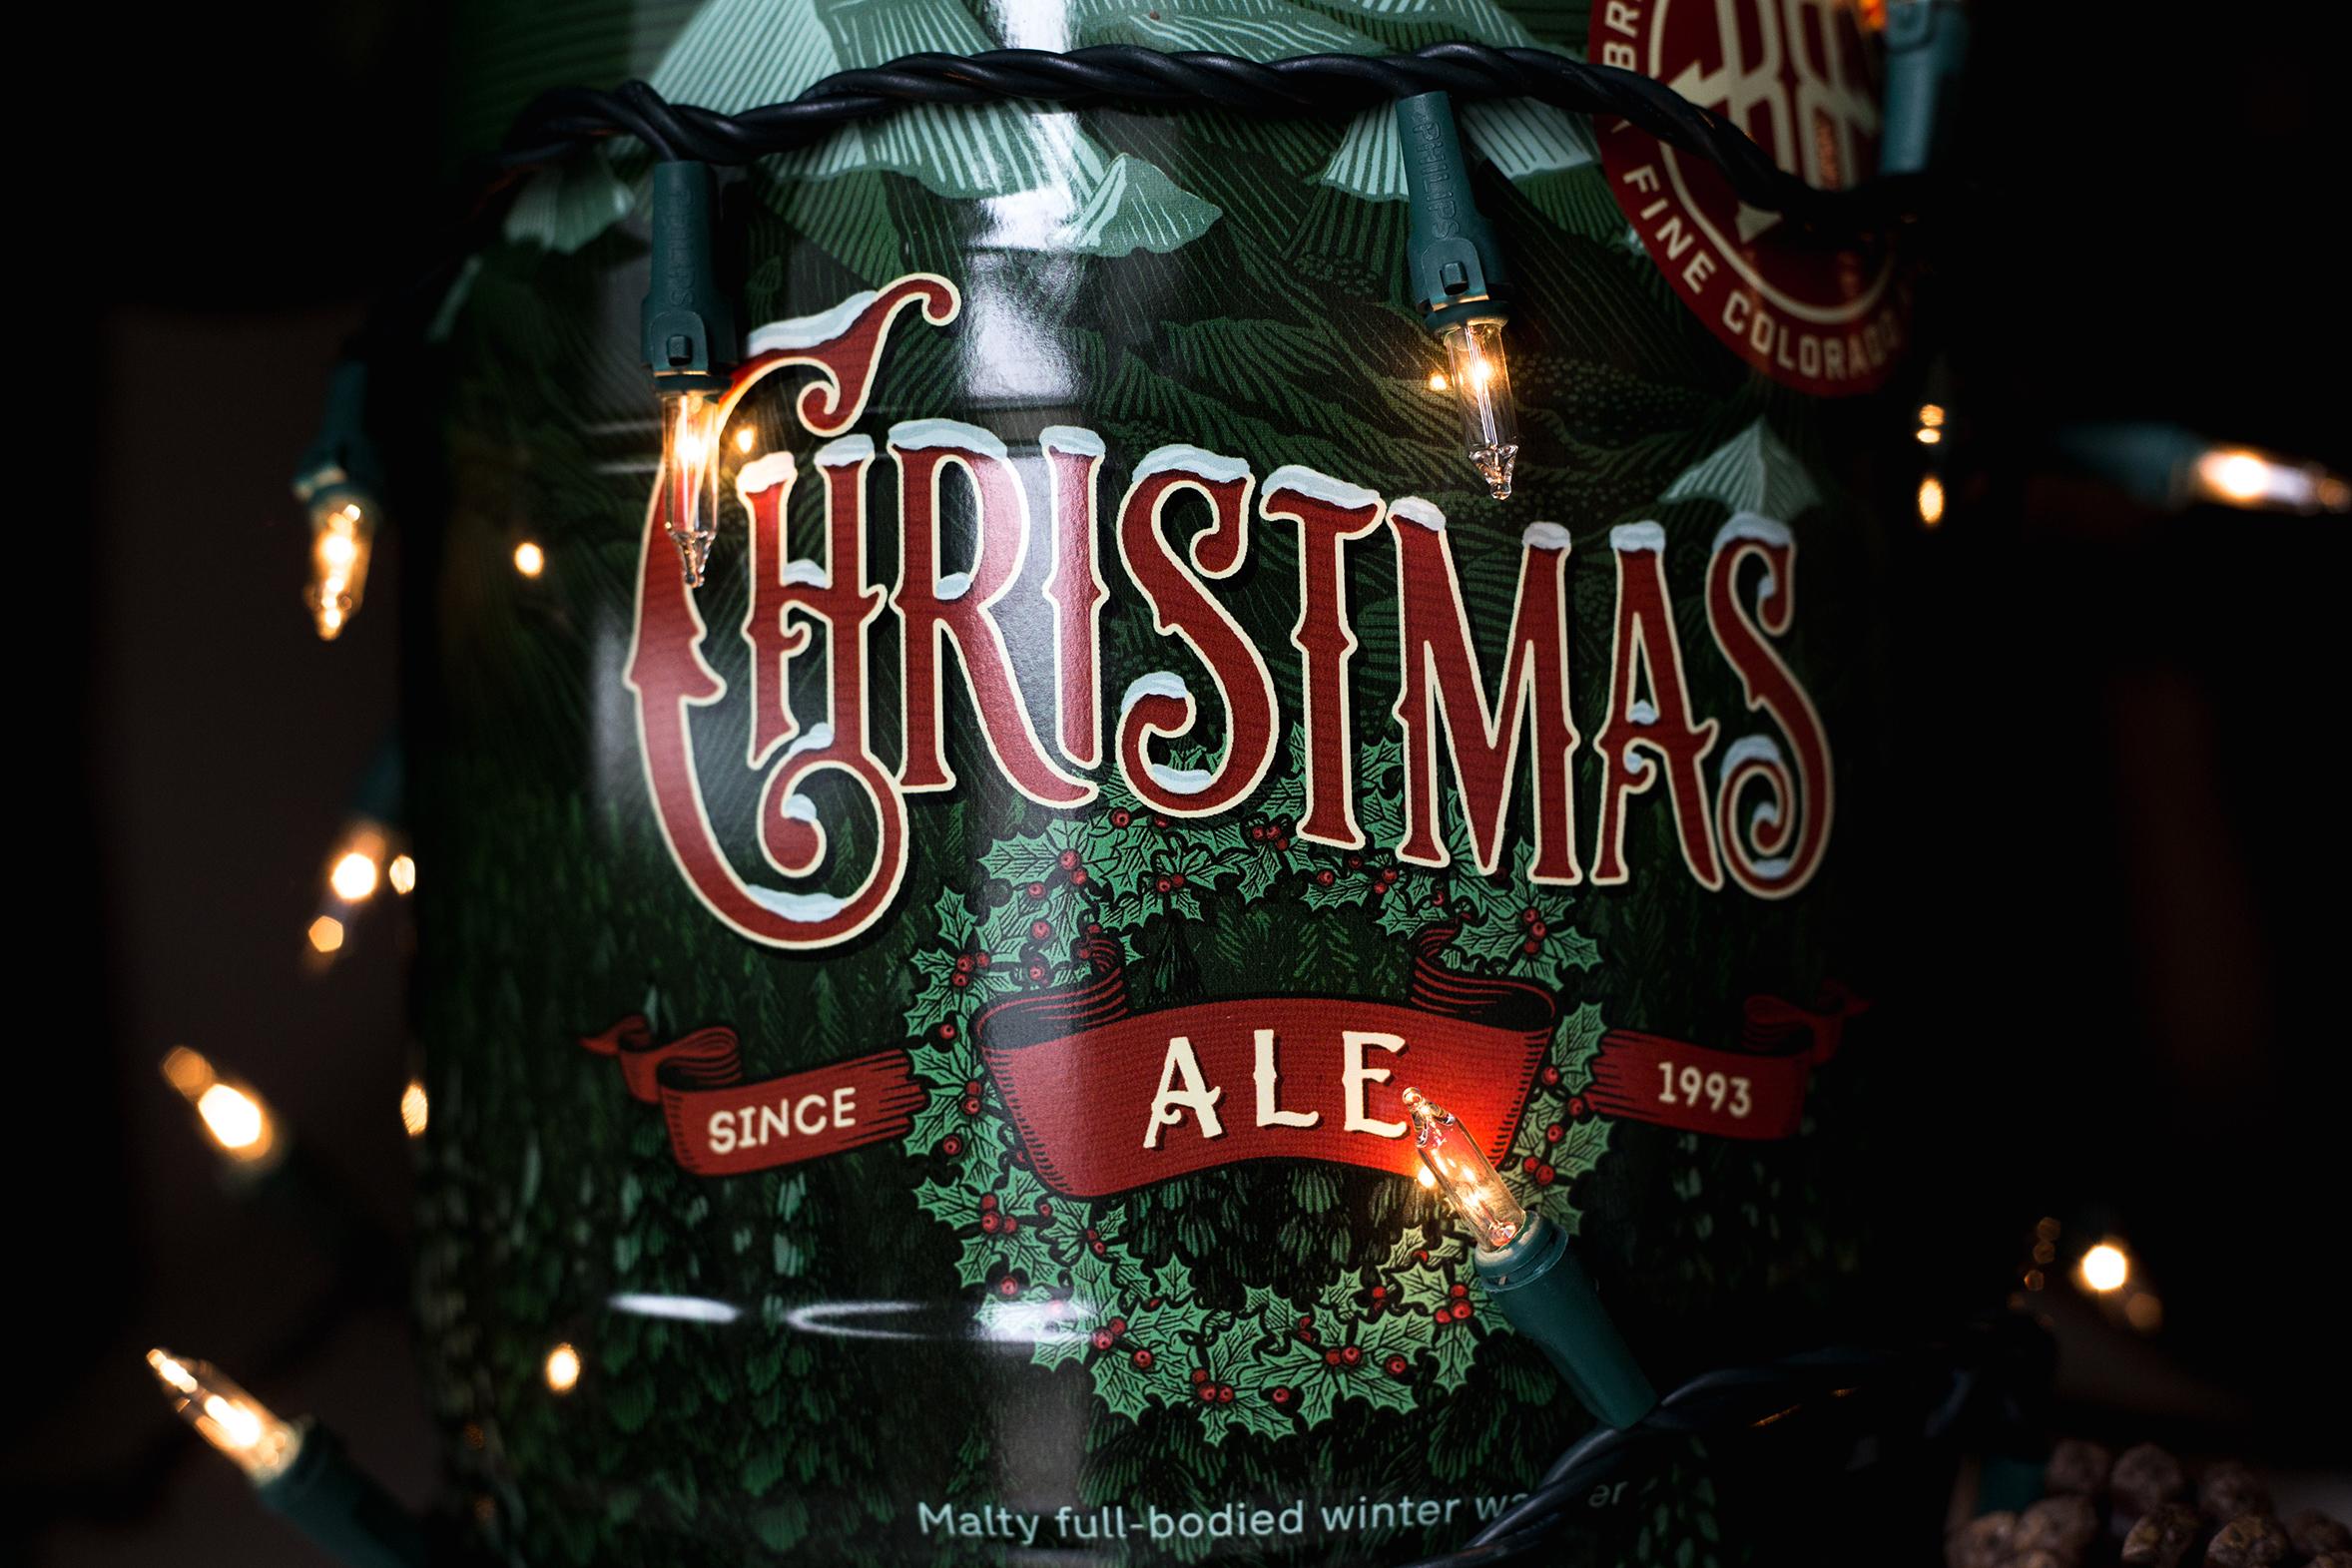 Nicolas_Fredrickson_Breckenridge_Brewery_Christmas_closeup.jpg